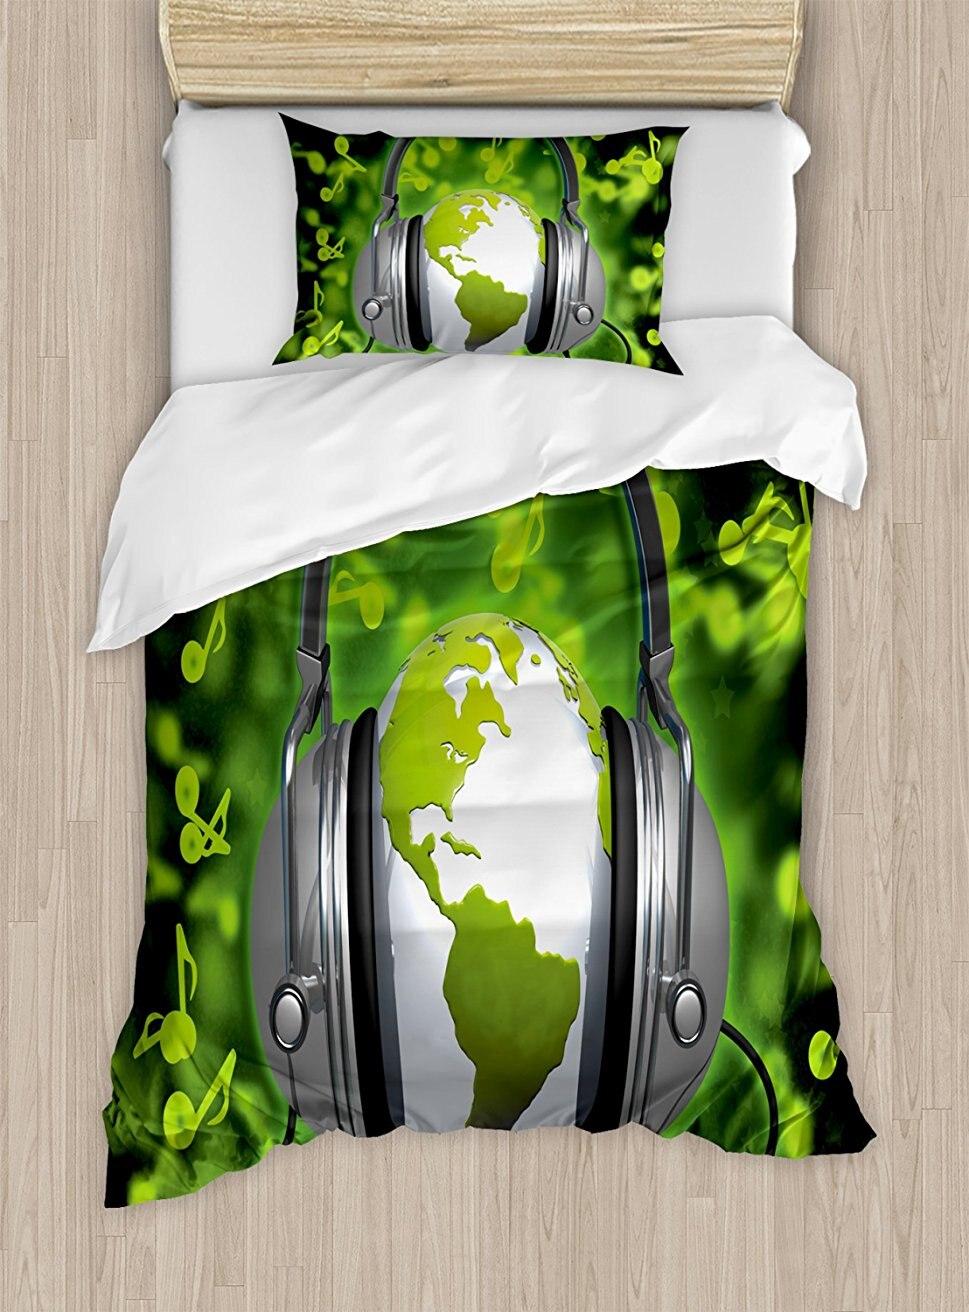 Мир постельное белье мир музыки тематические состав DJ наушники музыкальные ноты и земной шар 4 шт. Постельное белье